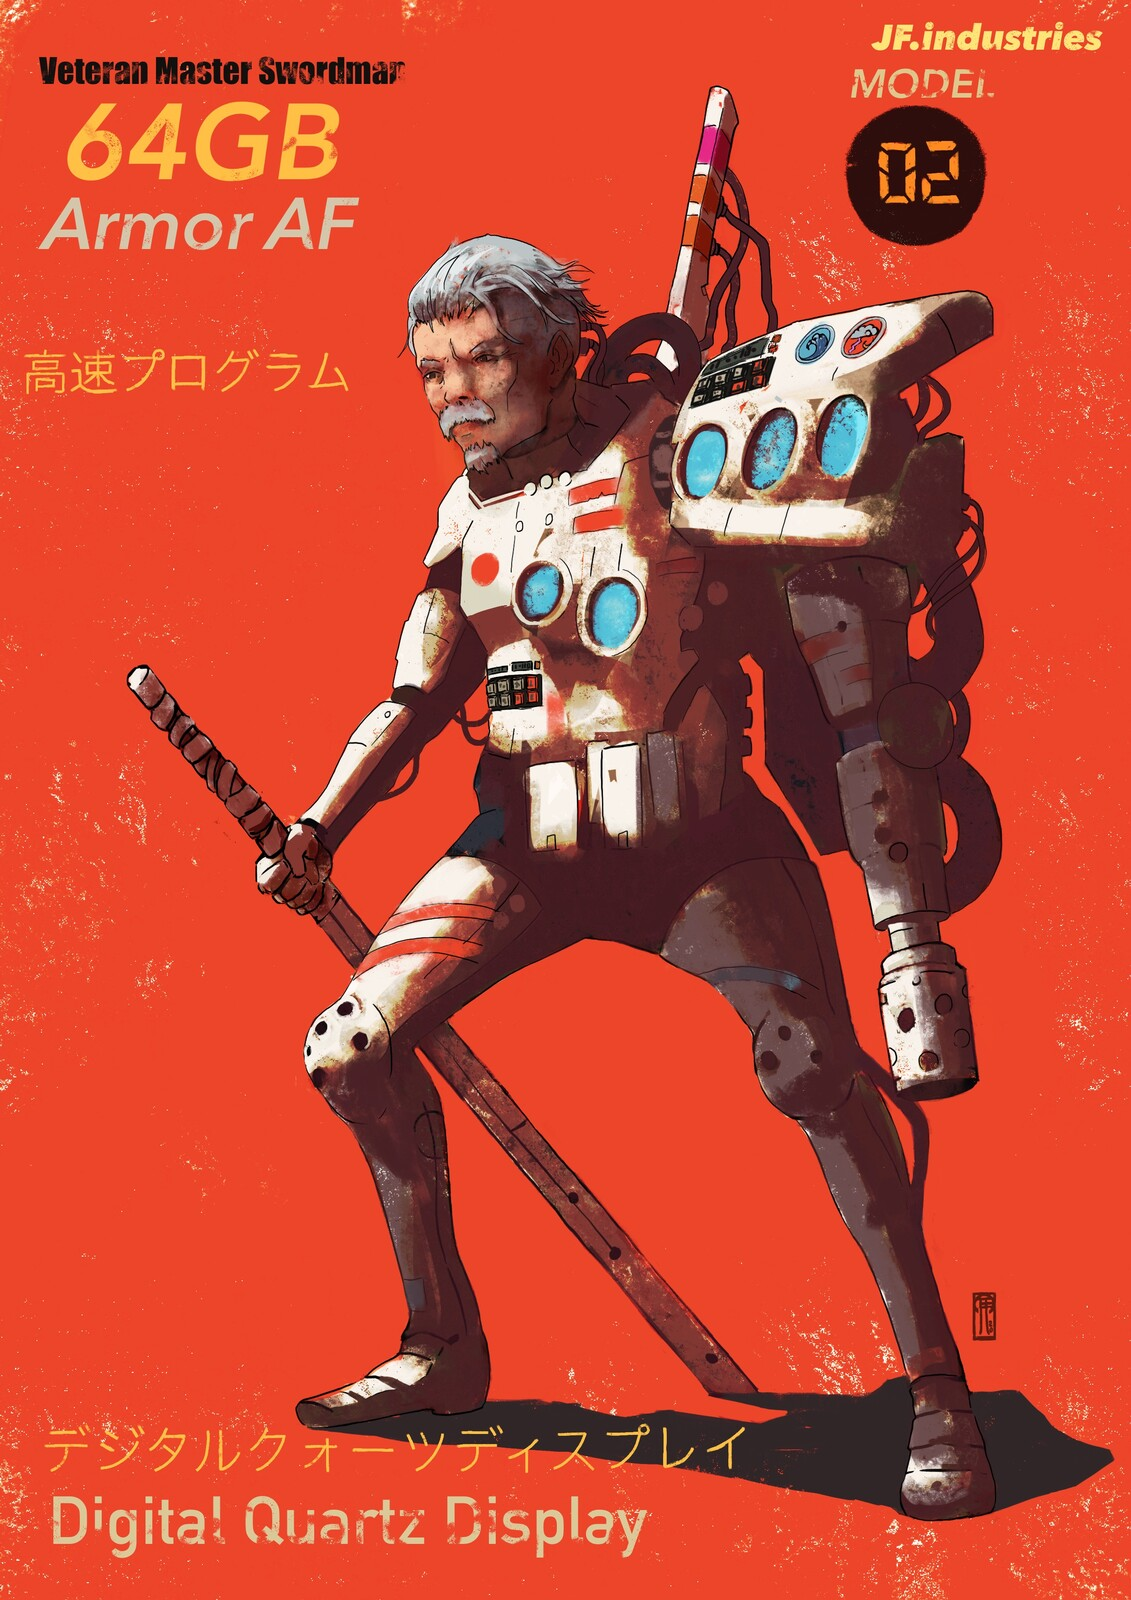 Armored_Veteran_Master_Swordman//64GB//Model02